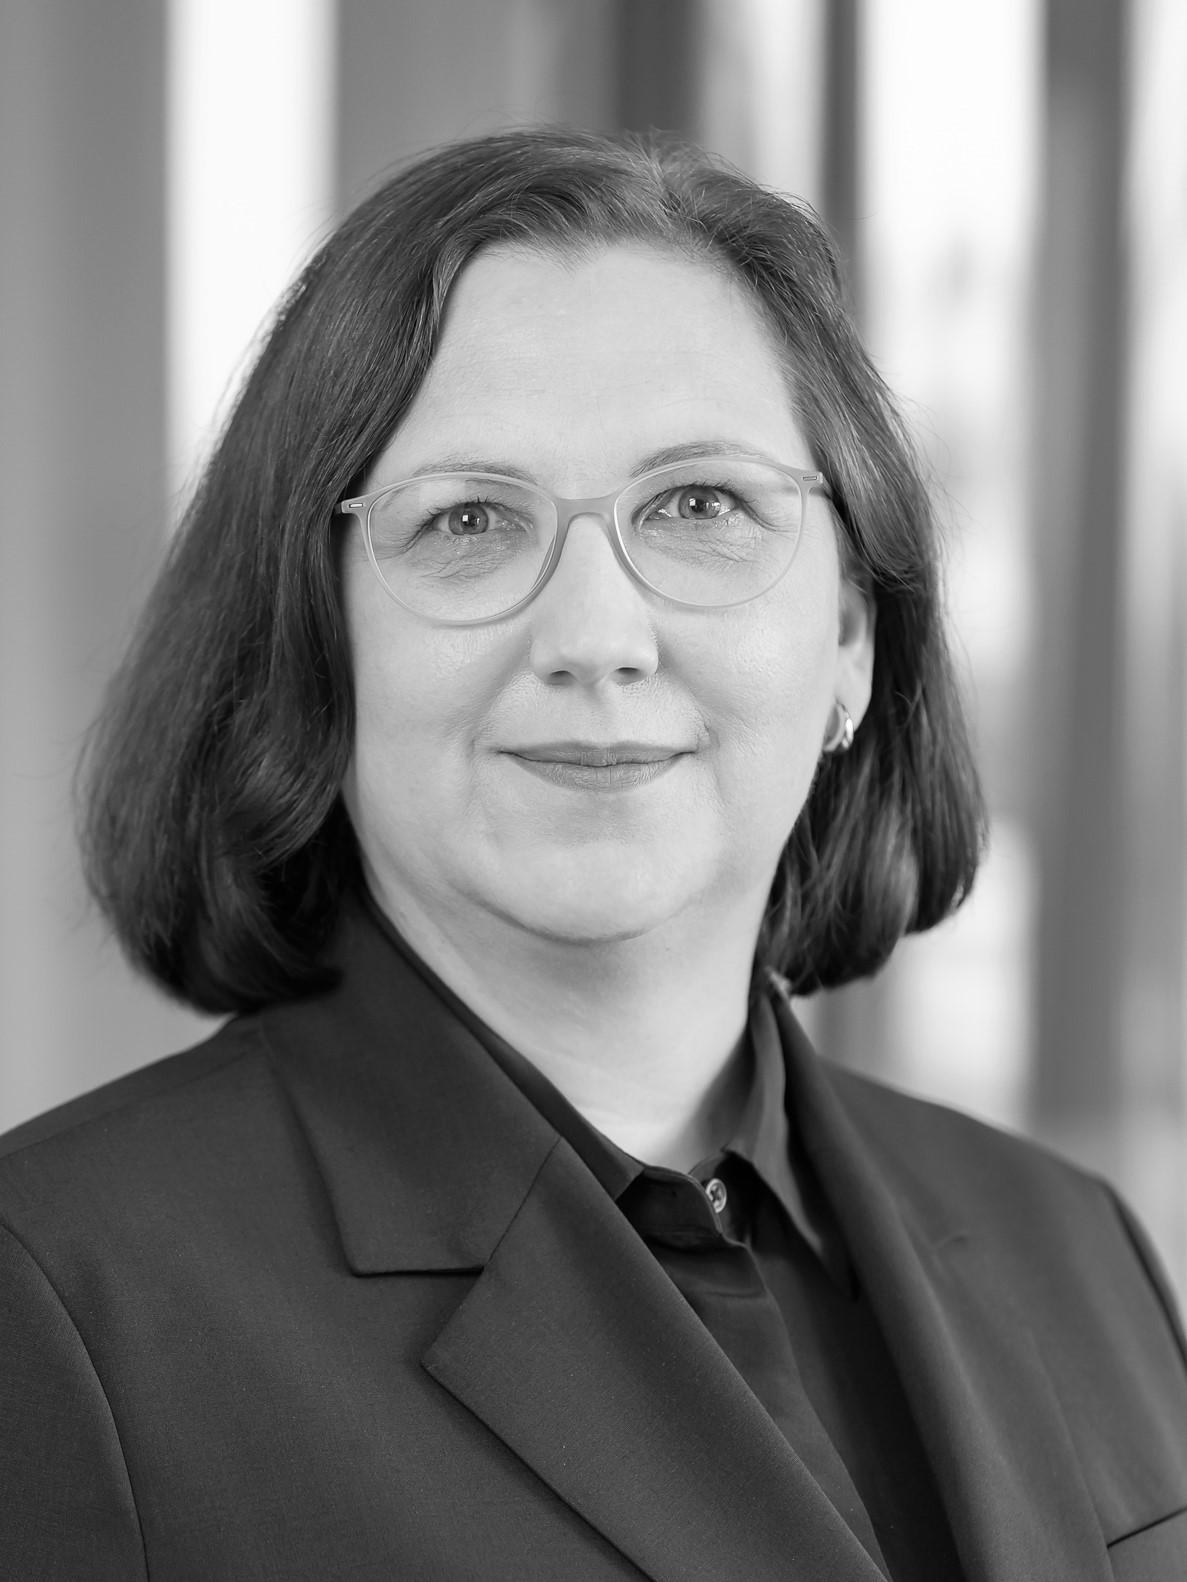 Saskia Hedrich sw